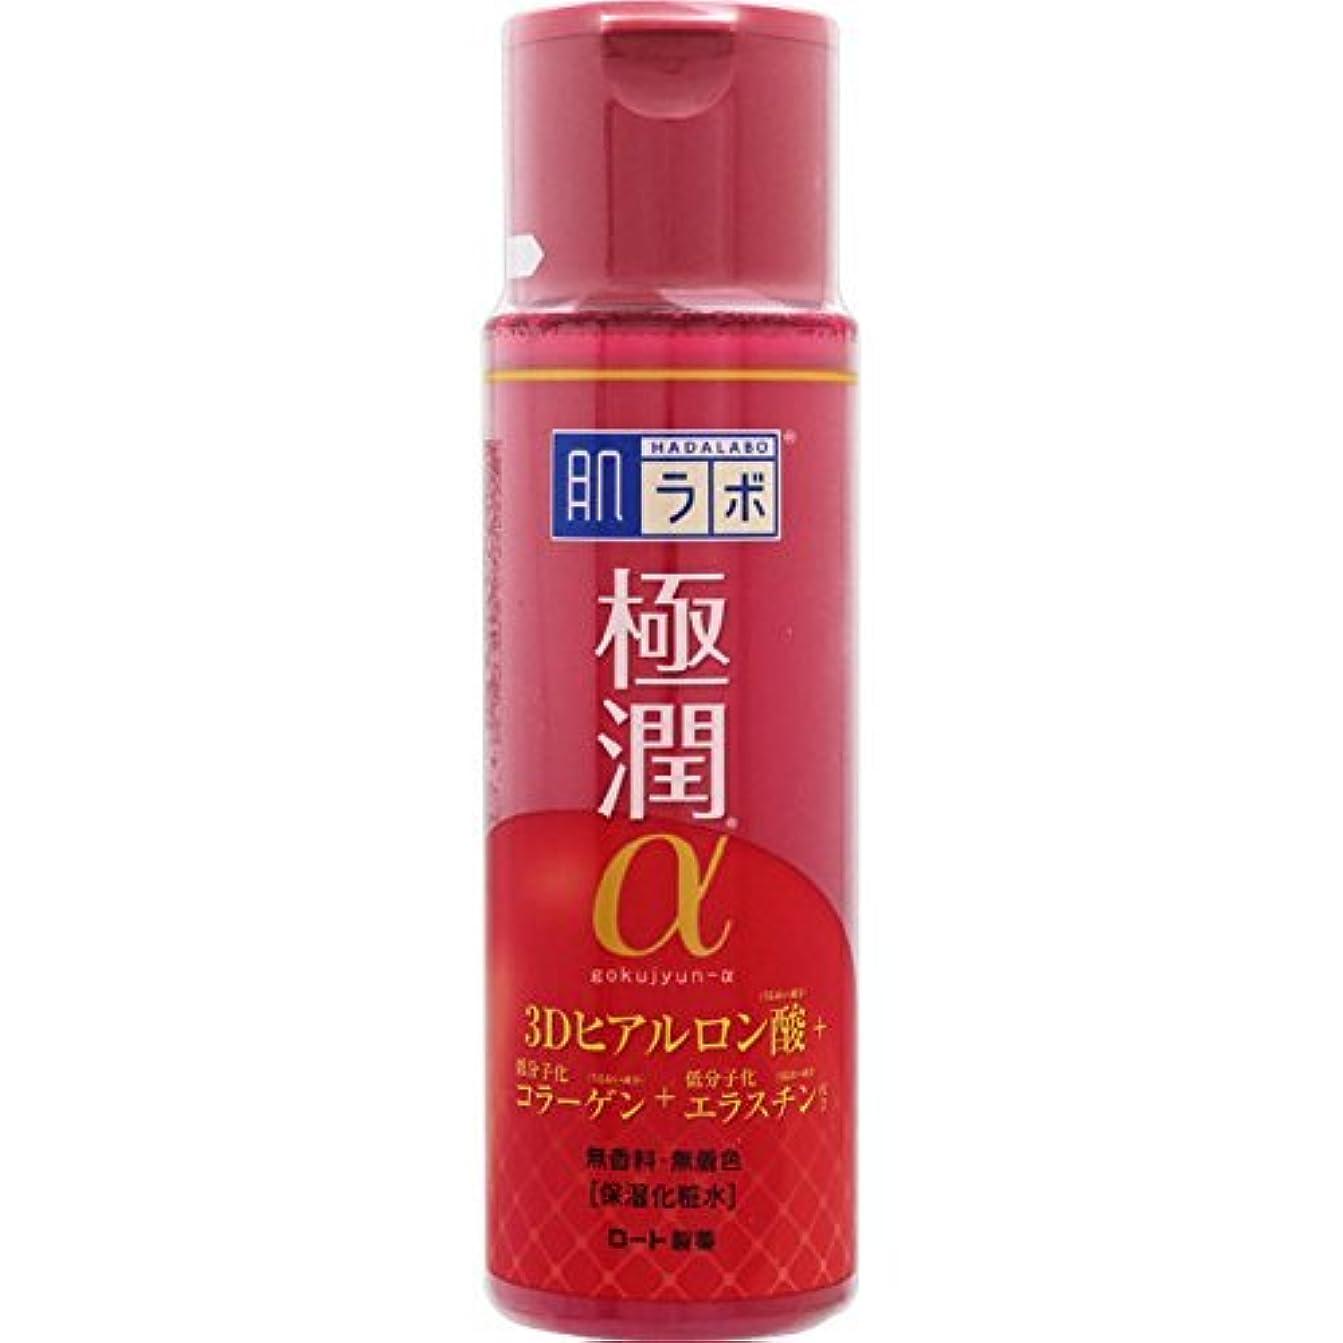 却下する液体著者肌ラボ 極潤α ハリ化粧水 170mL